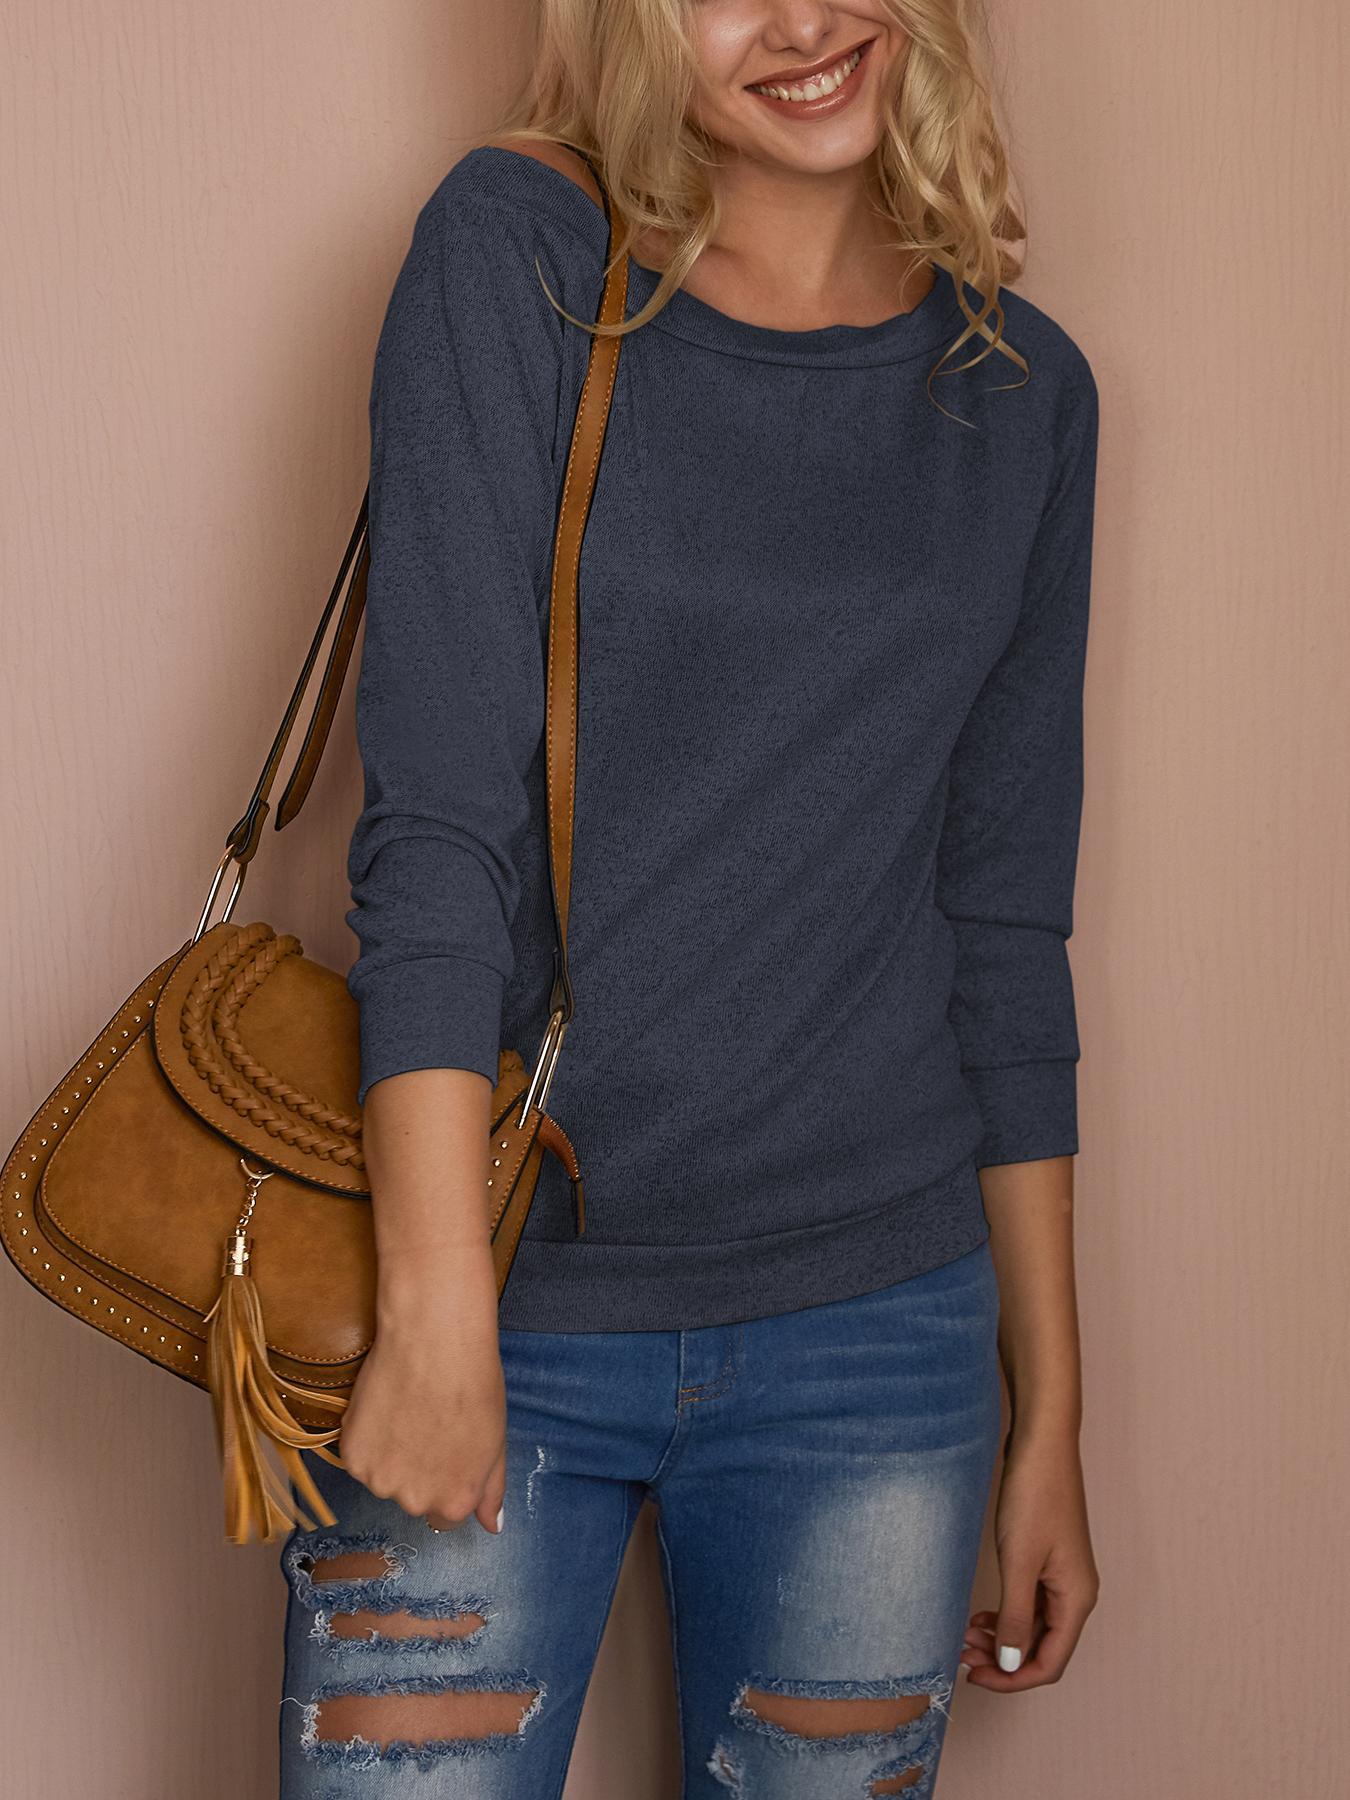 Joyshoetique coupon: Fashion Solid Off Shoulder Casual Blouse